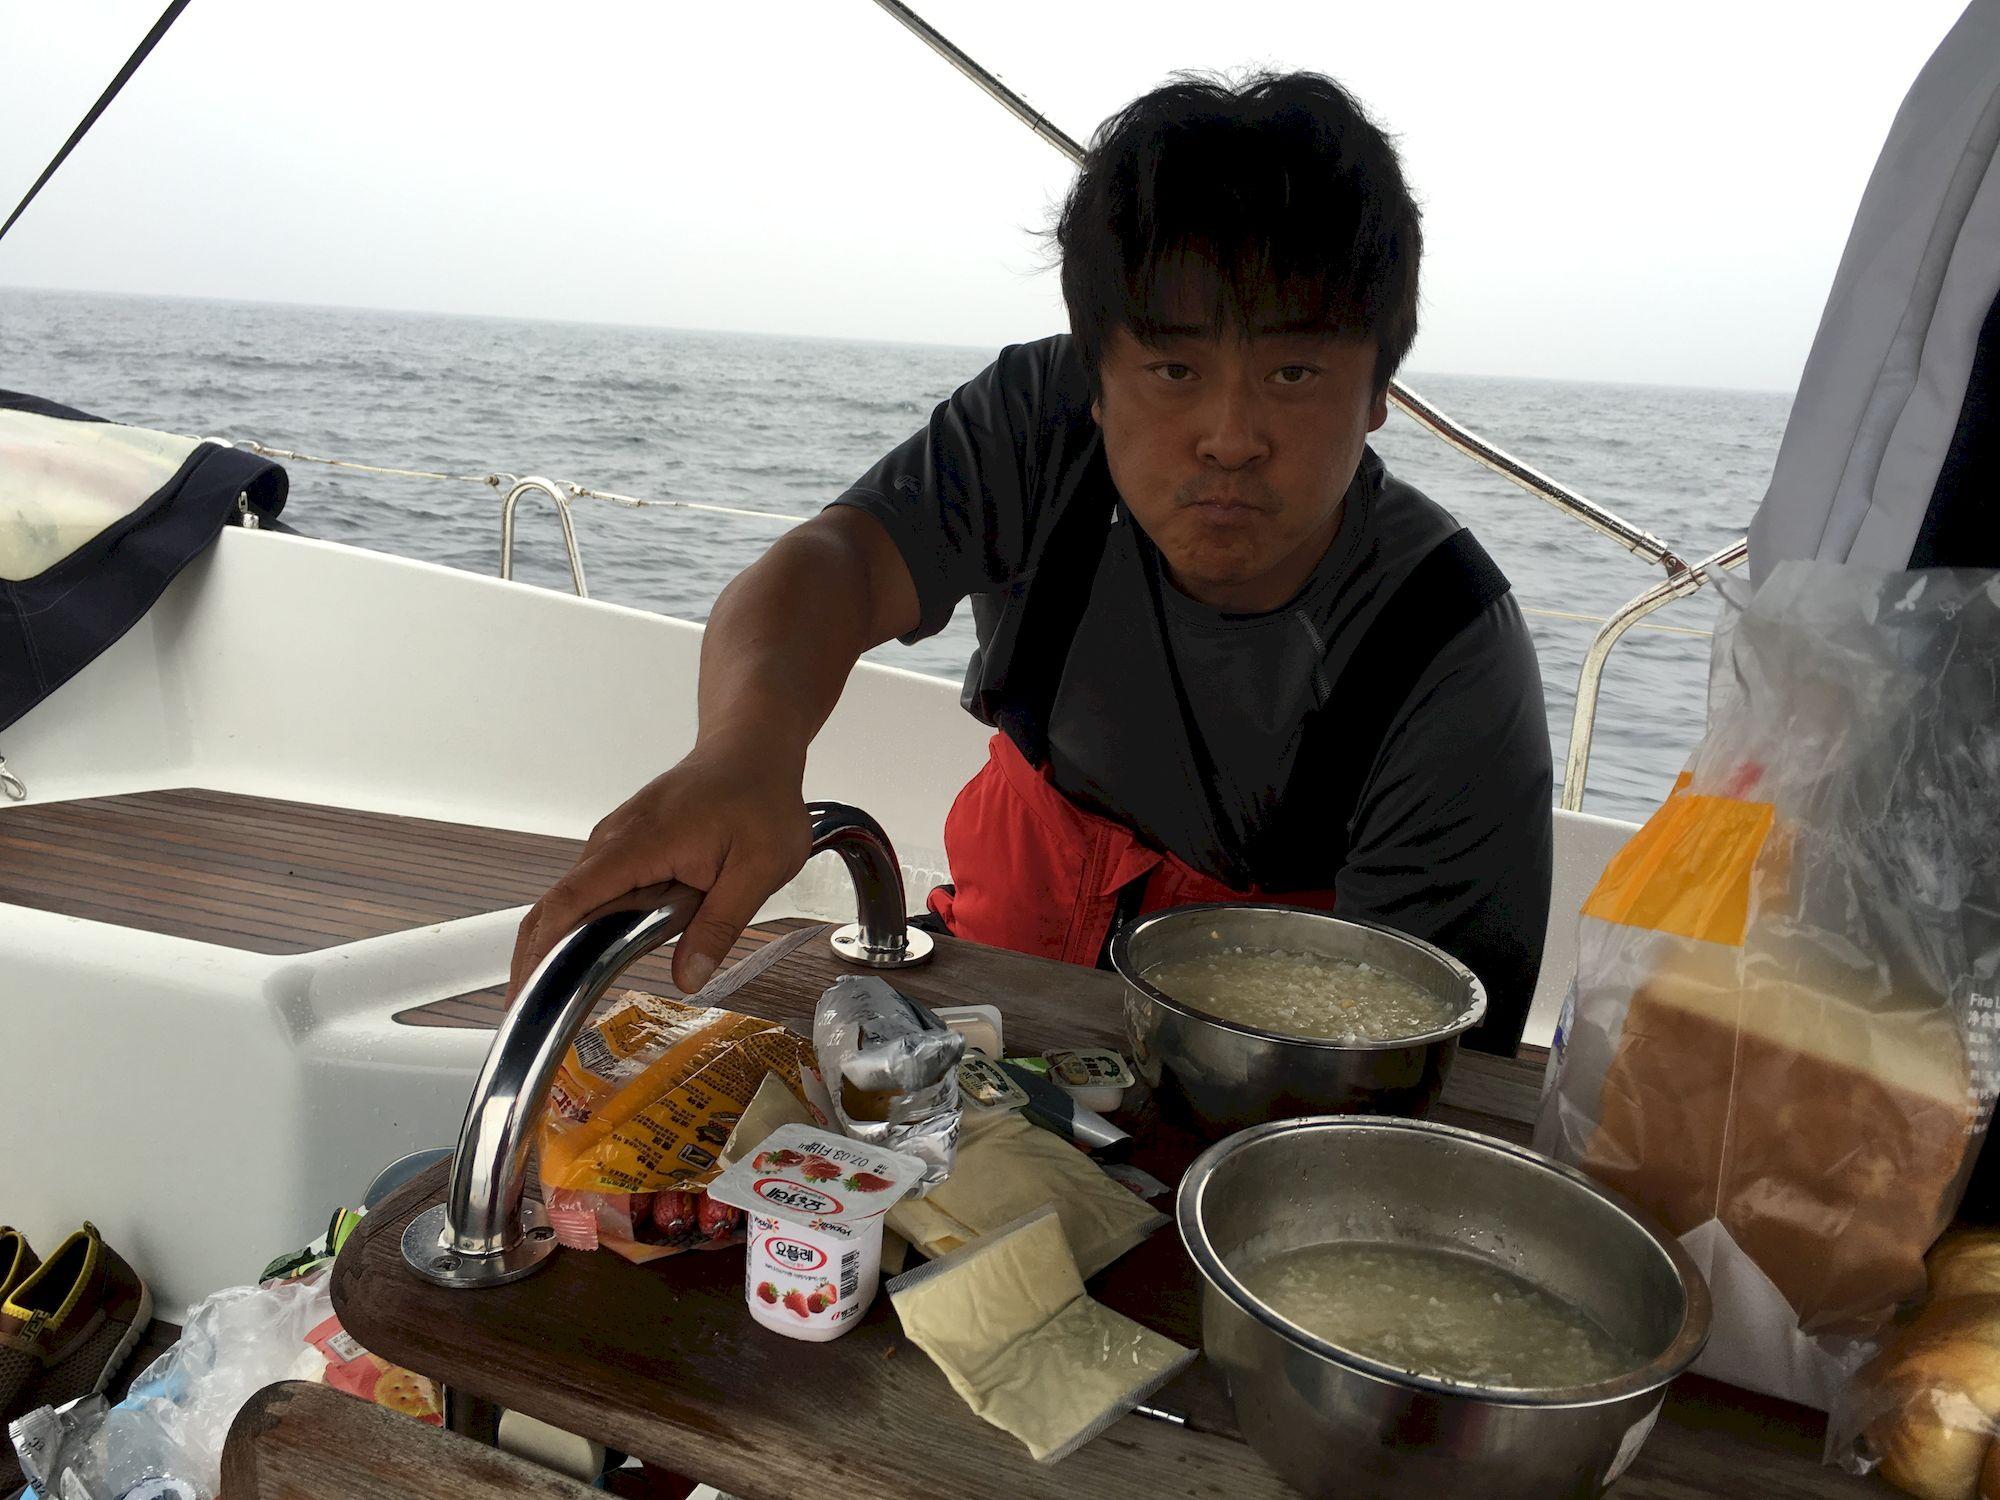 012d-IMG_3413_千帆俱乐部我要航海网帆船队-2016威海-仁川国际帆船赛.JPG